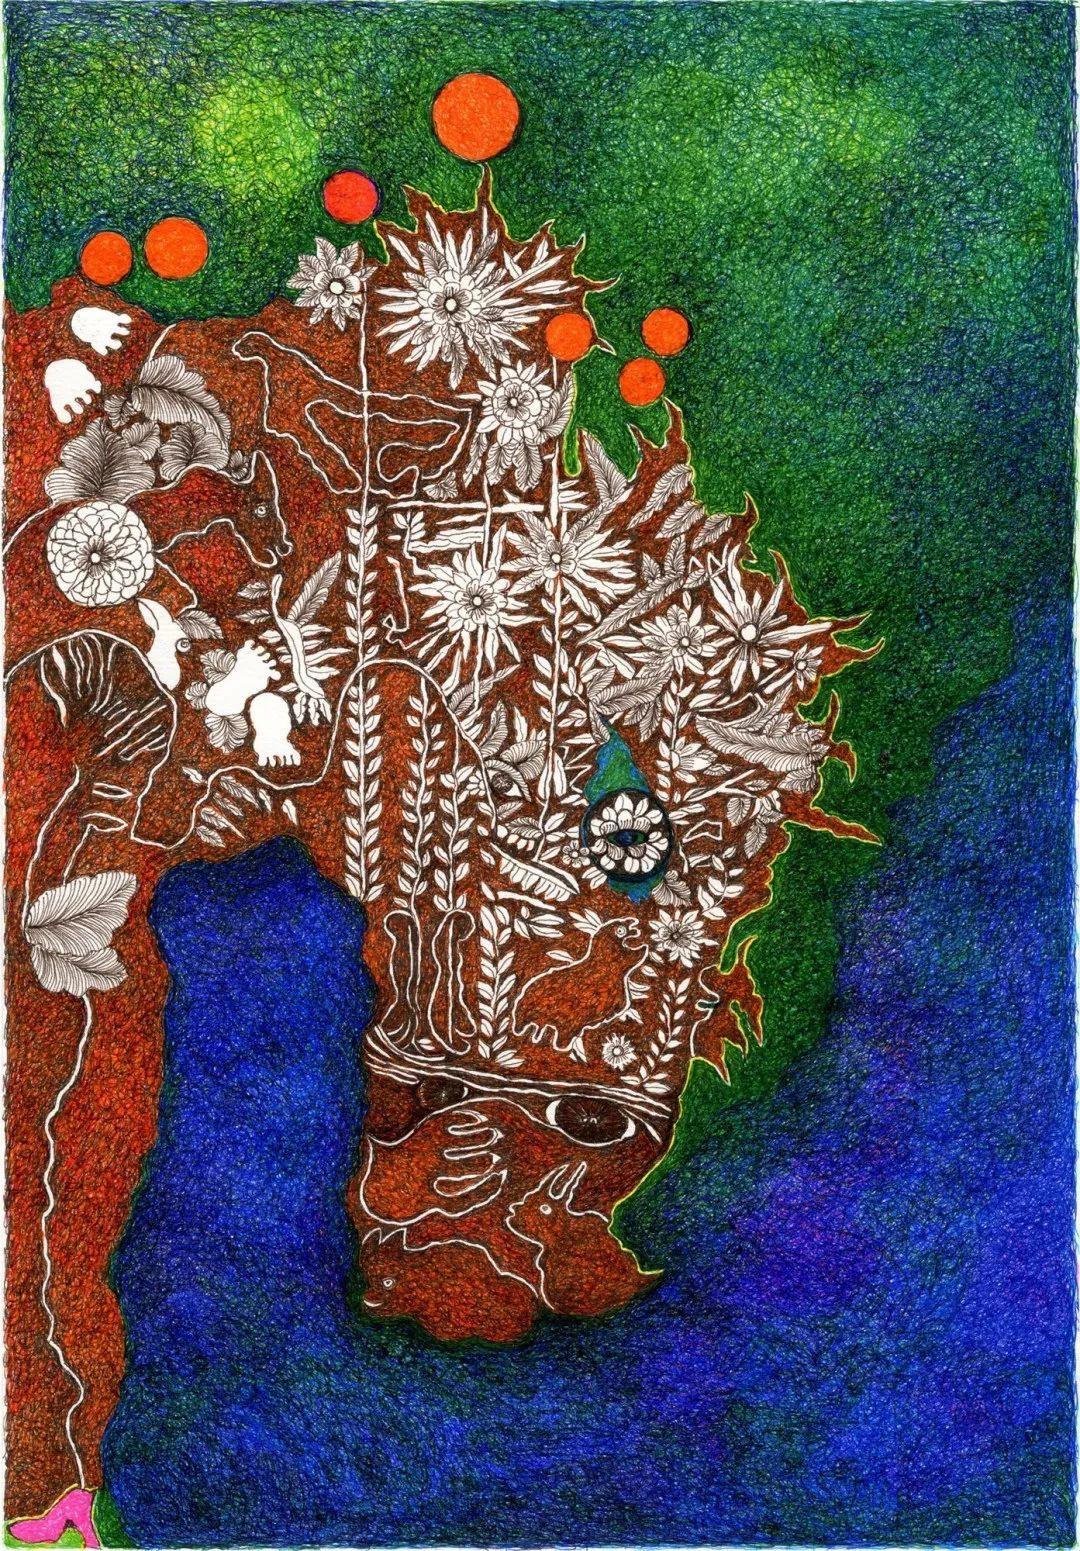 《马》 26x37.5 —纸本彩色针管笔手绘